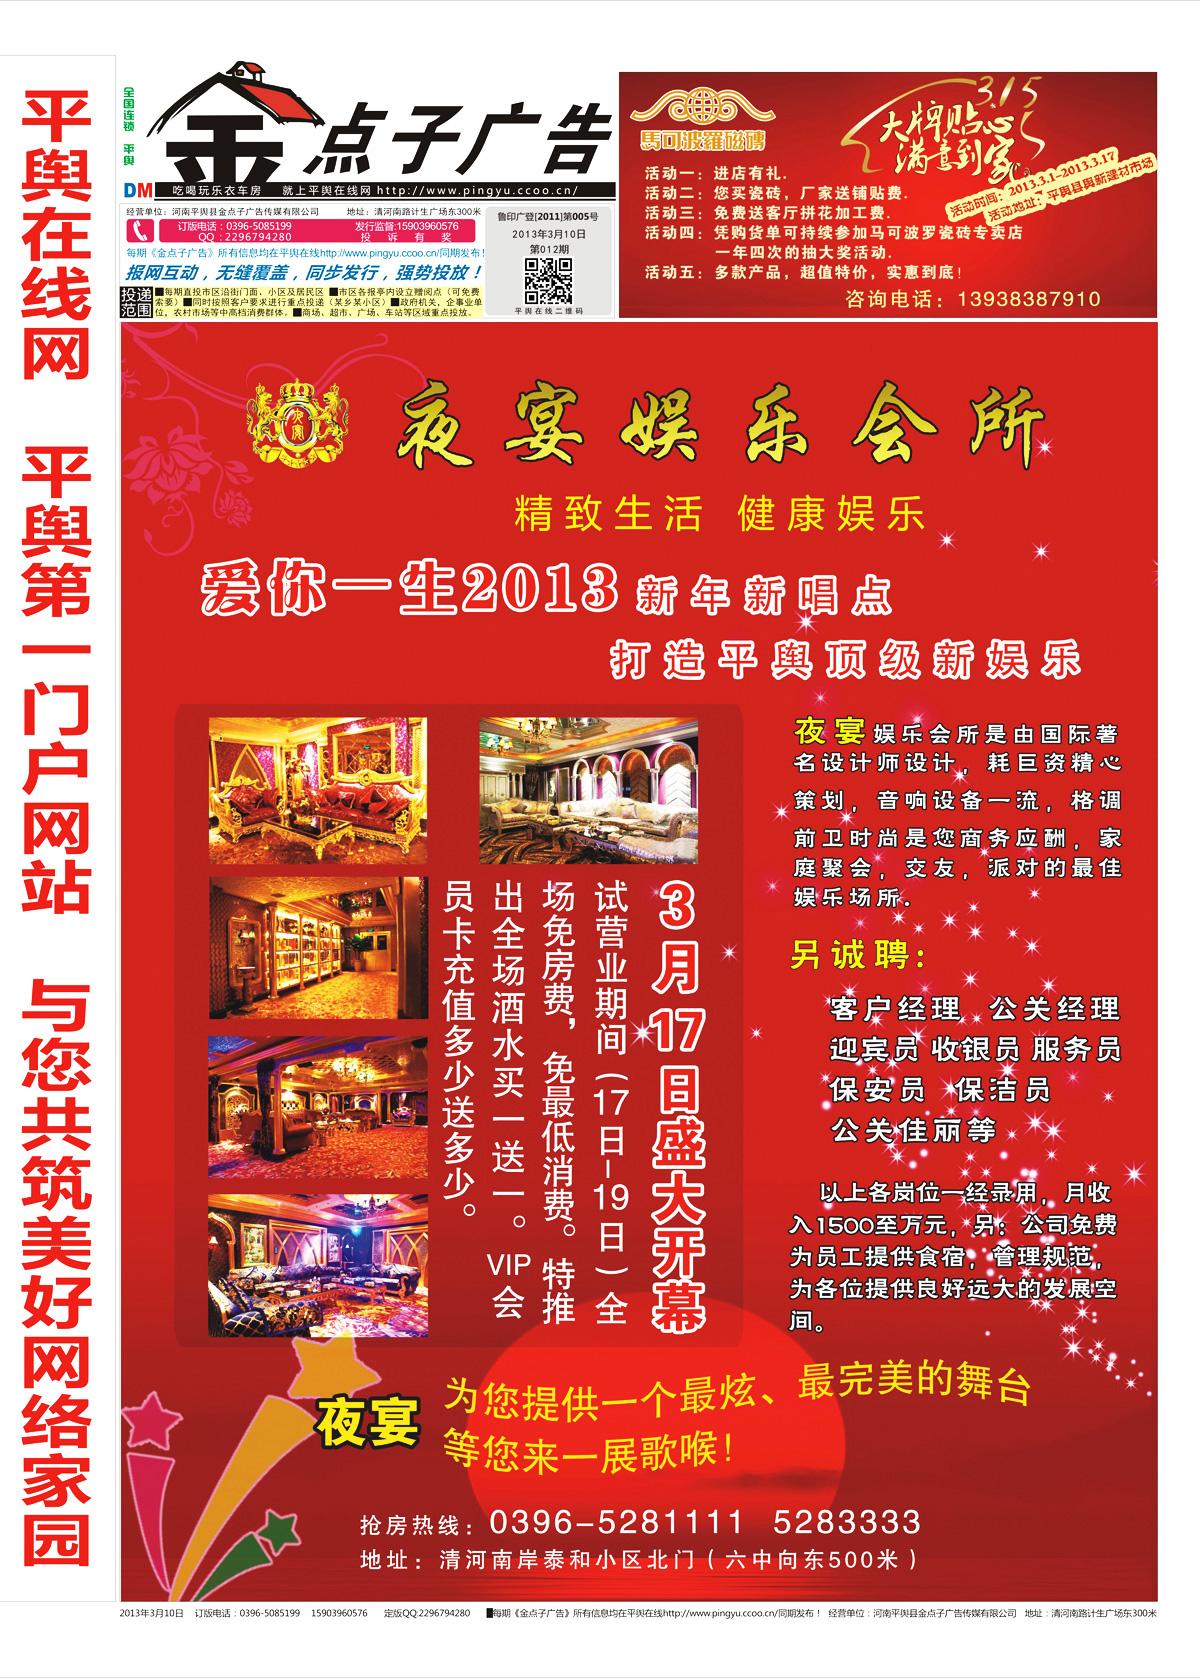 平舆金点子广告传媒第12期第一版 夜宴娱乐会所